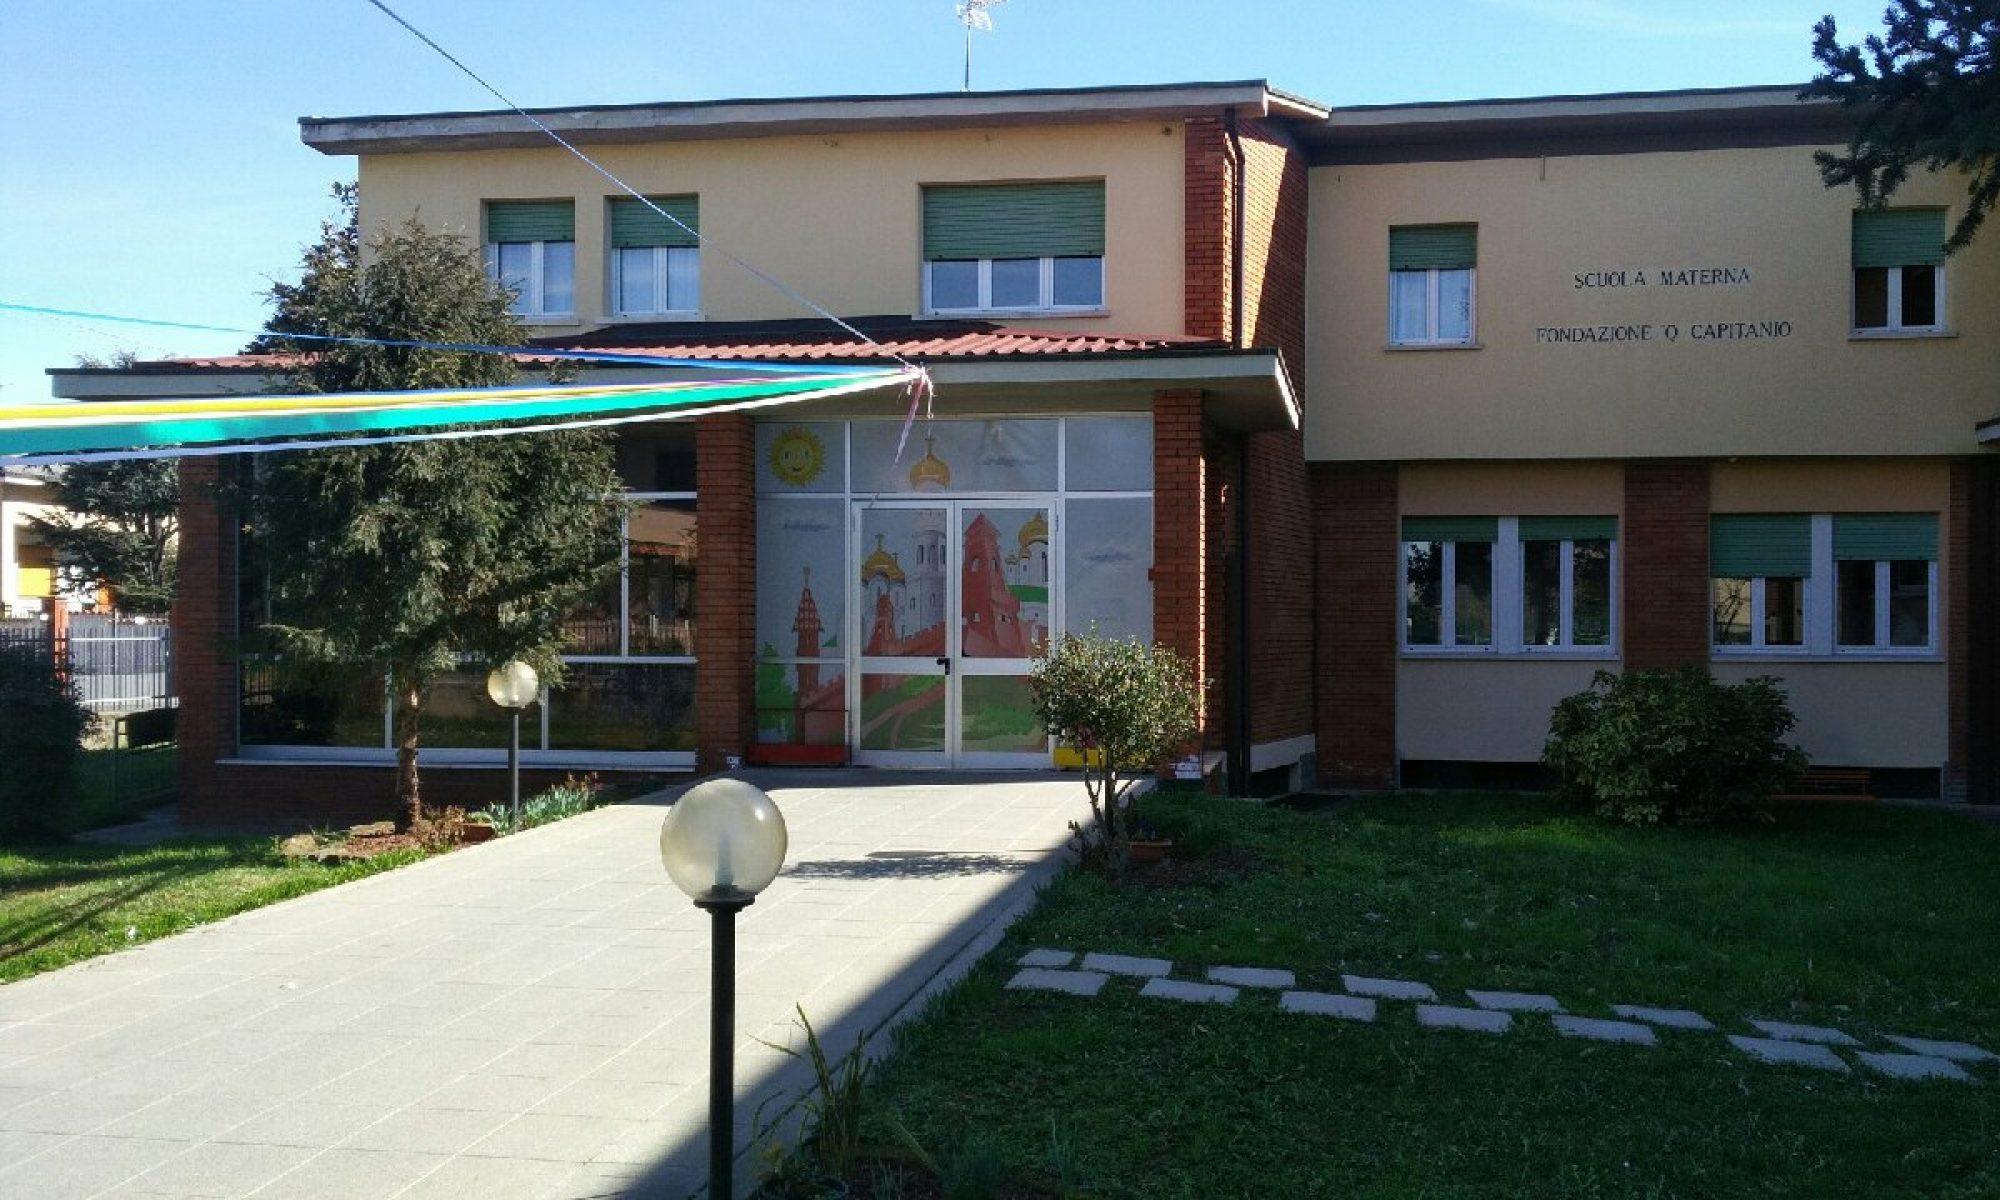 Scuola materna fondazione Quinto Capitanio